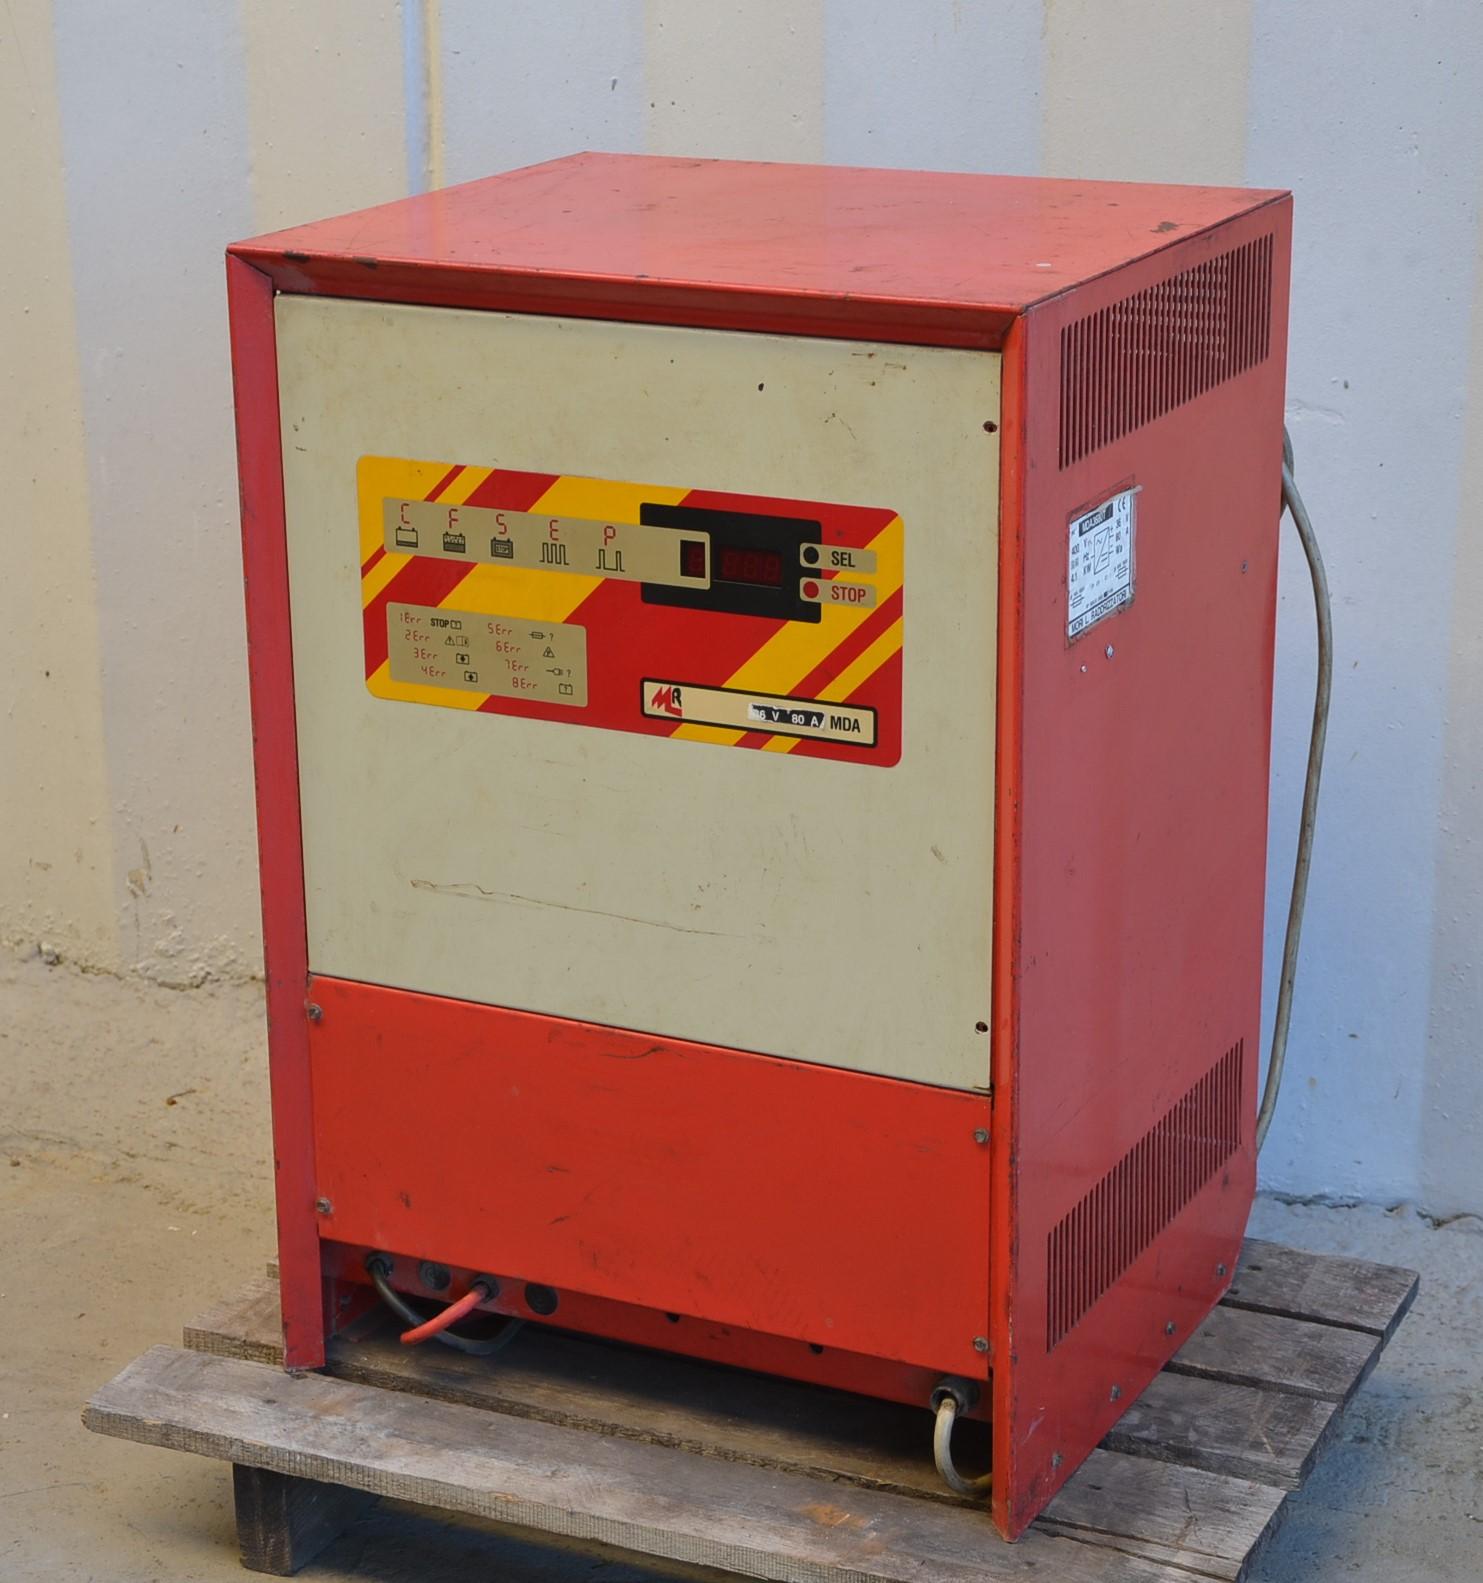 Caricabatterie 36V - Mori Raddrizzatori mod. MDA3680T in vendita - foto 1